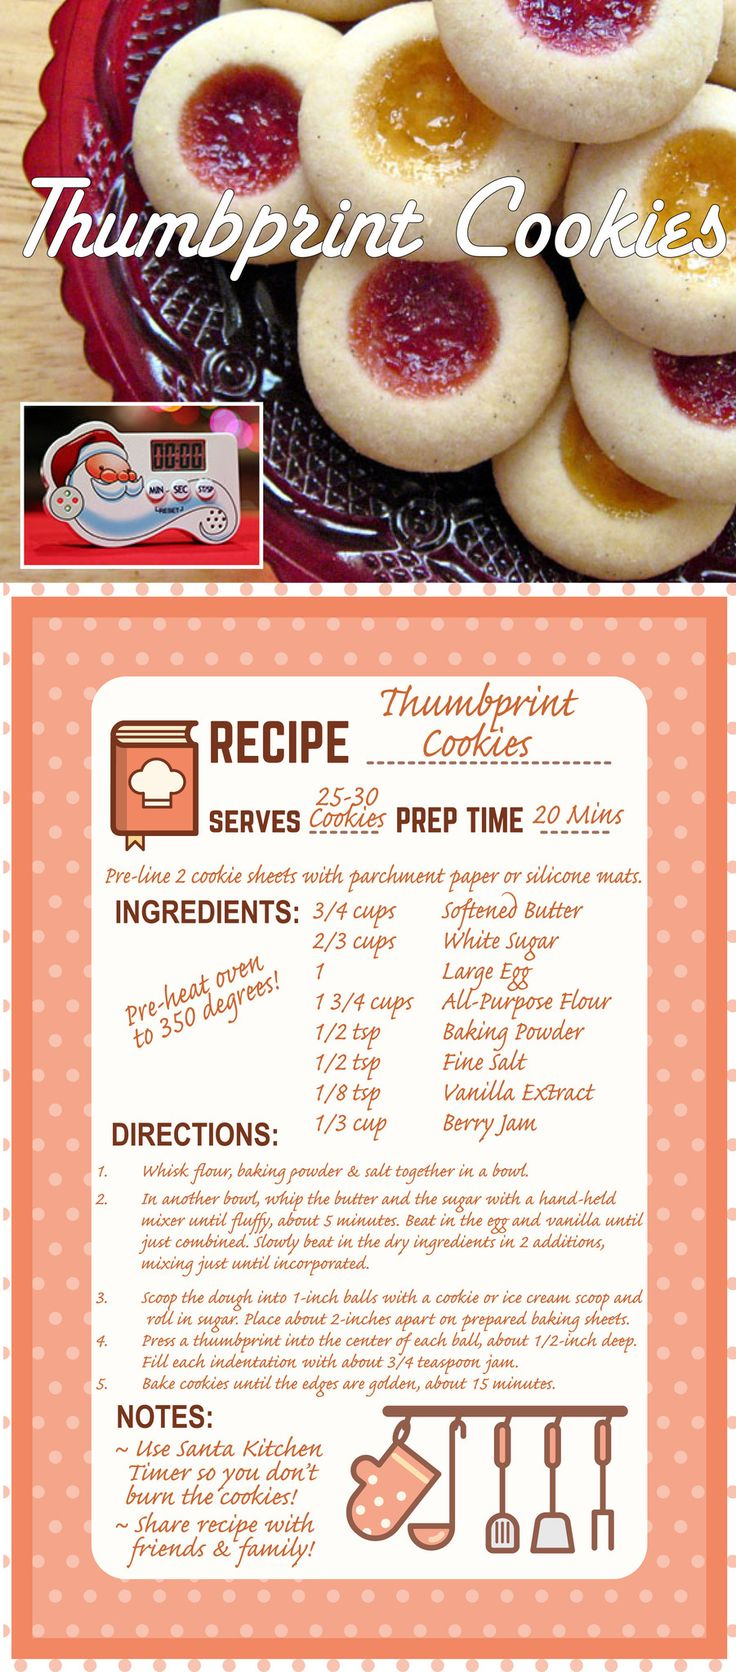 Week 20: Thumbprint Cookies - gevuld met stukjes karamel, stukjes chocola of confituur. Mmm! (oh help, mijn dieet!)